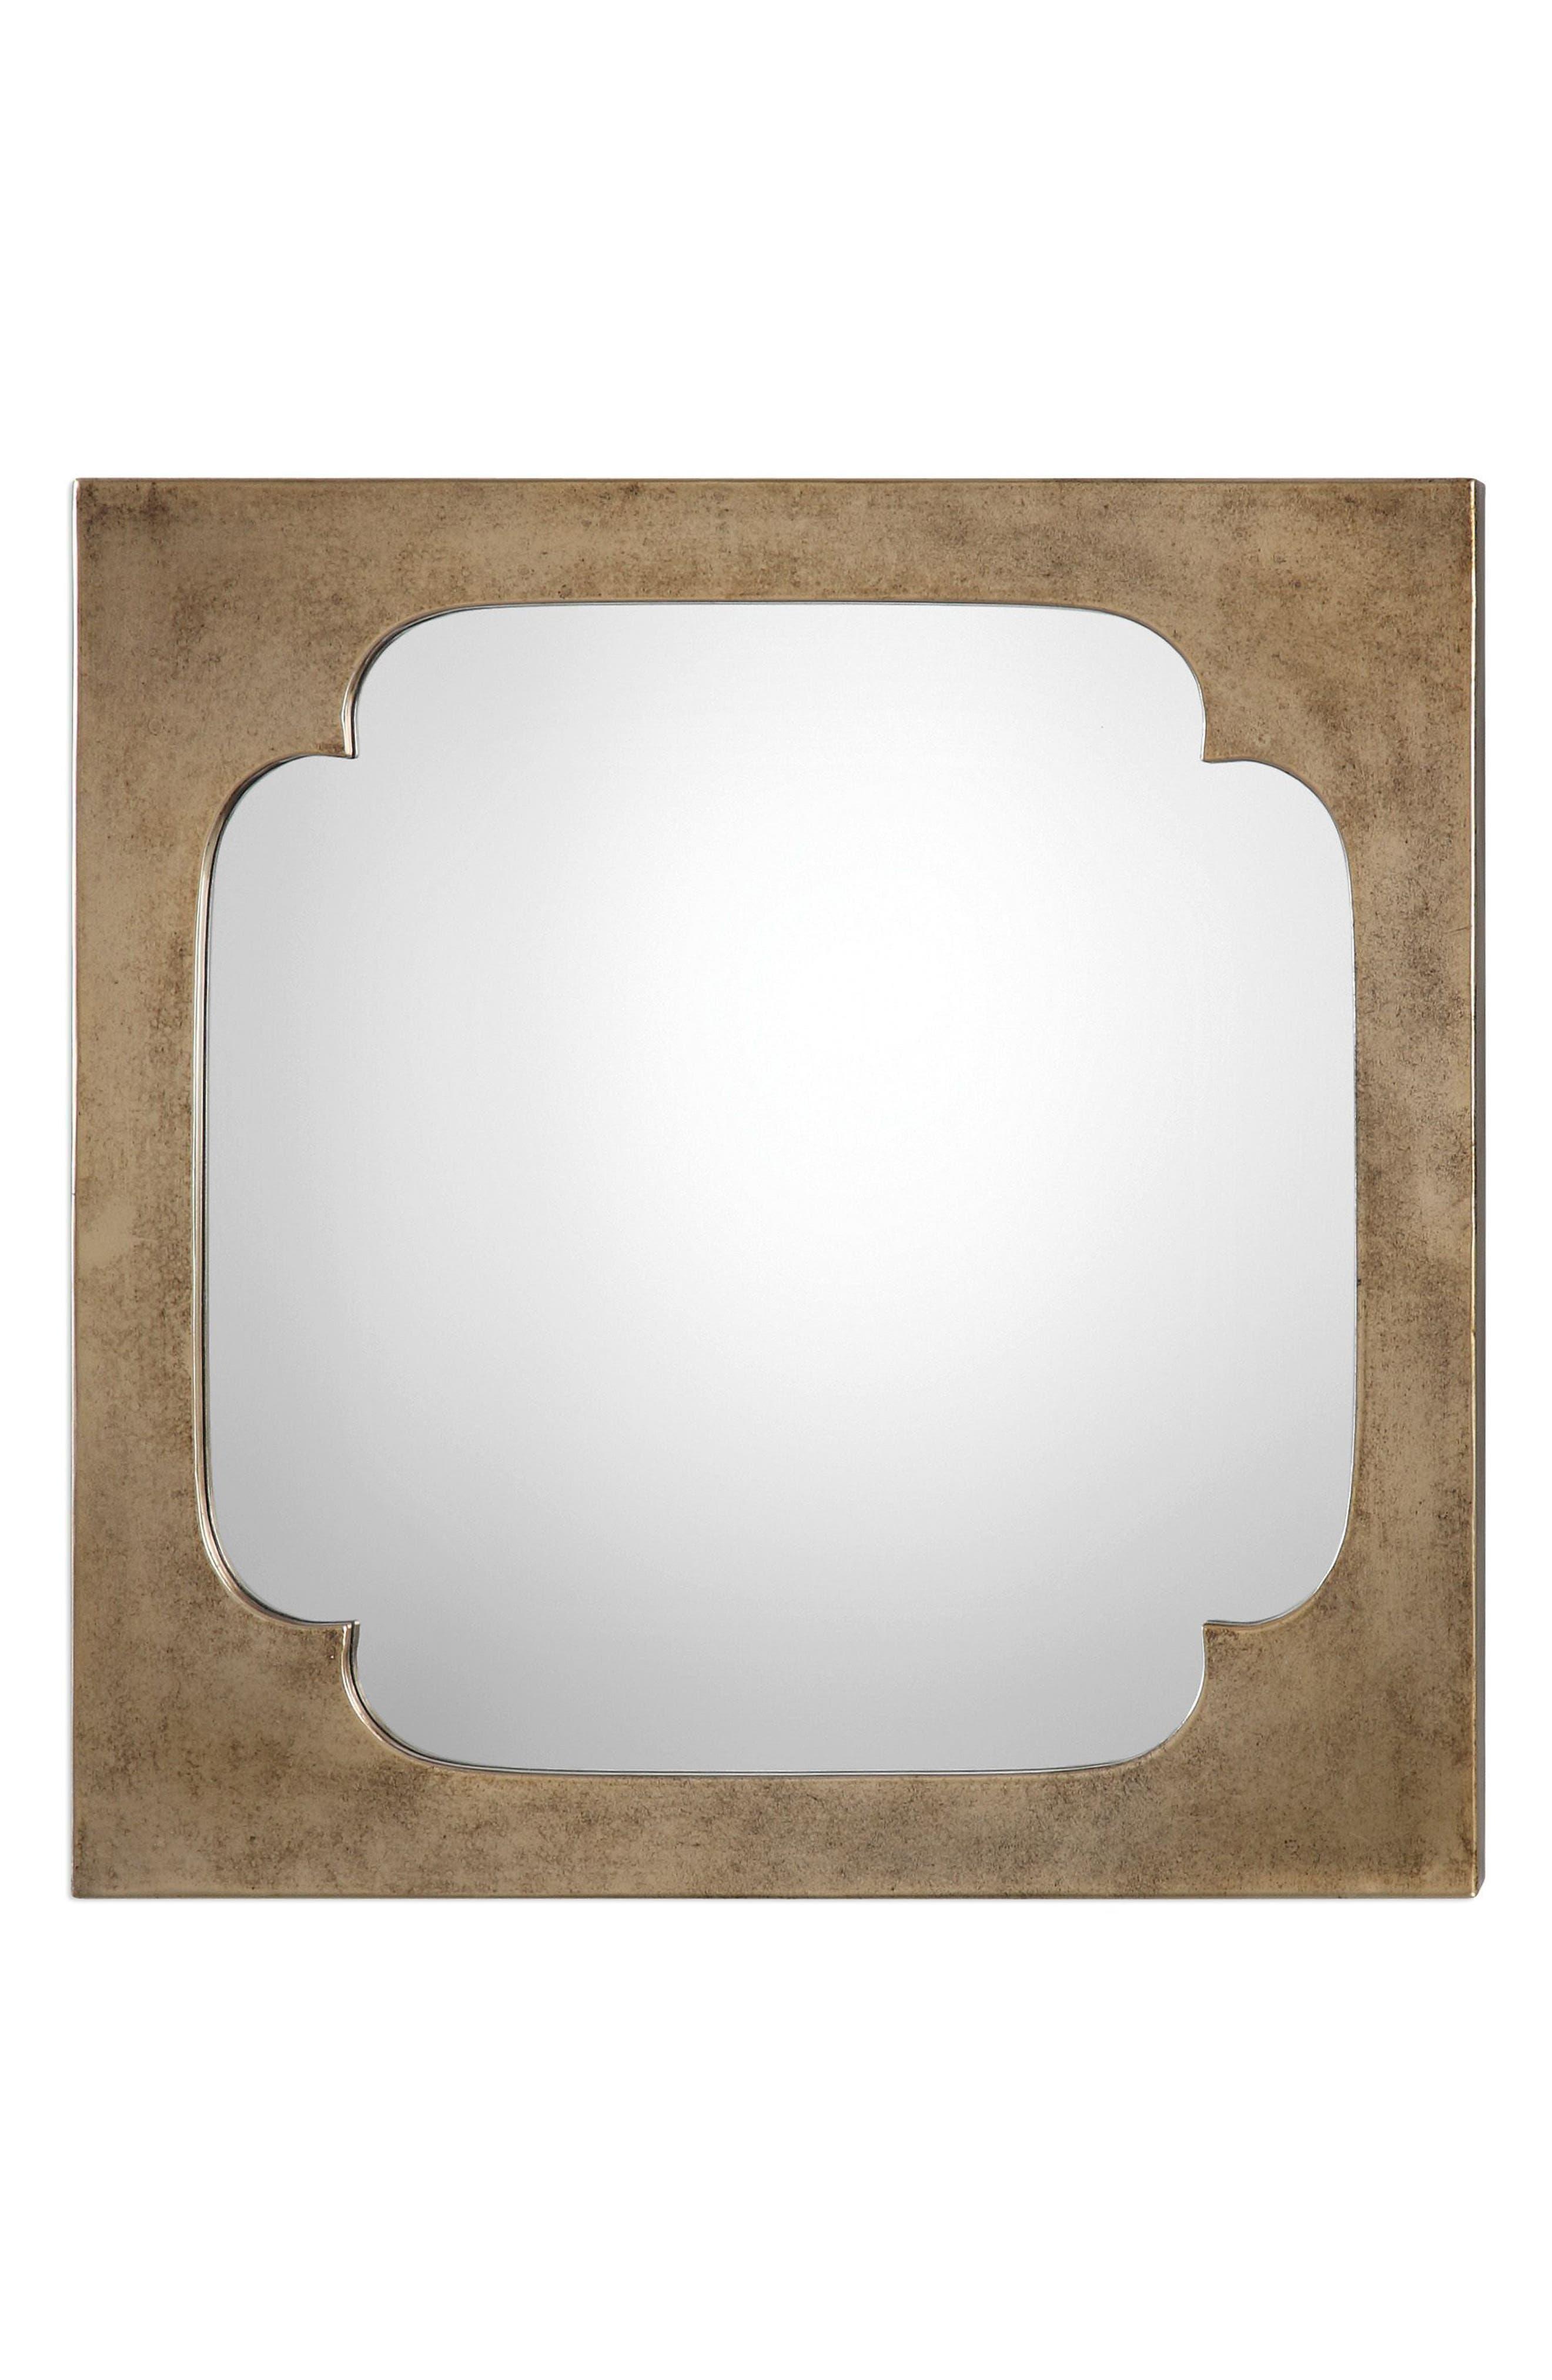 Rania Wall Mirror,                             Main thumbnail 1, color,                             200